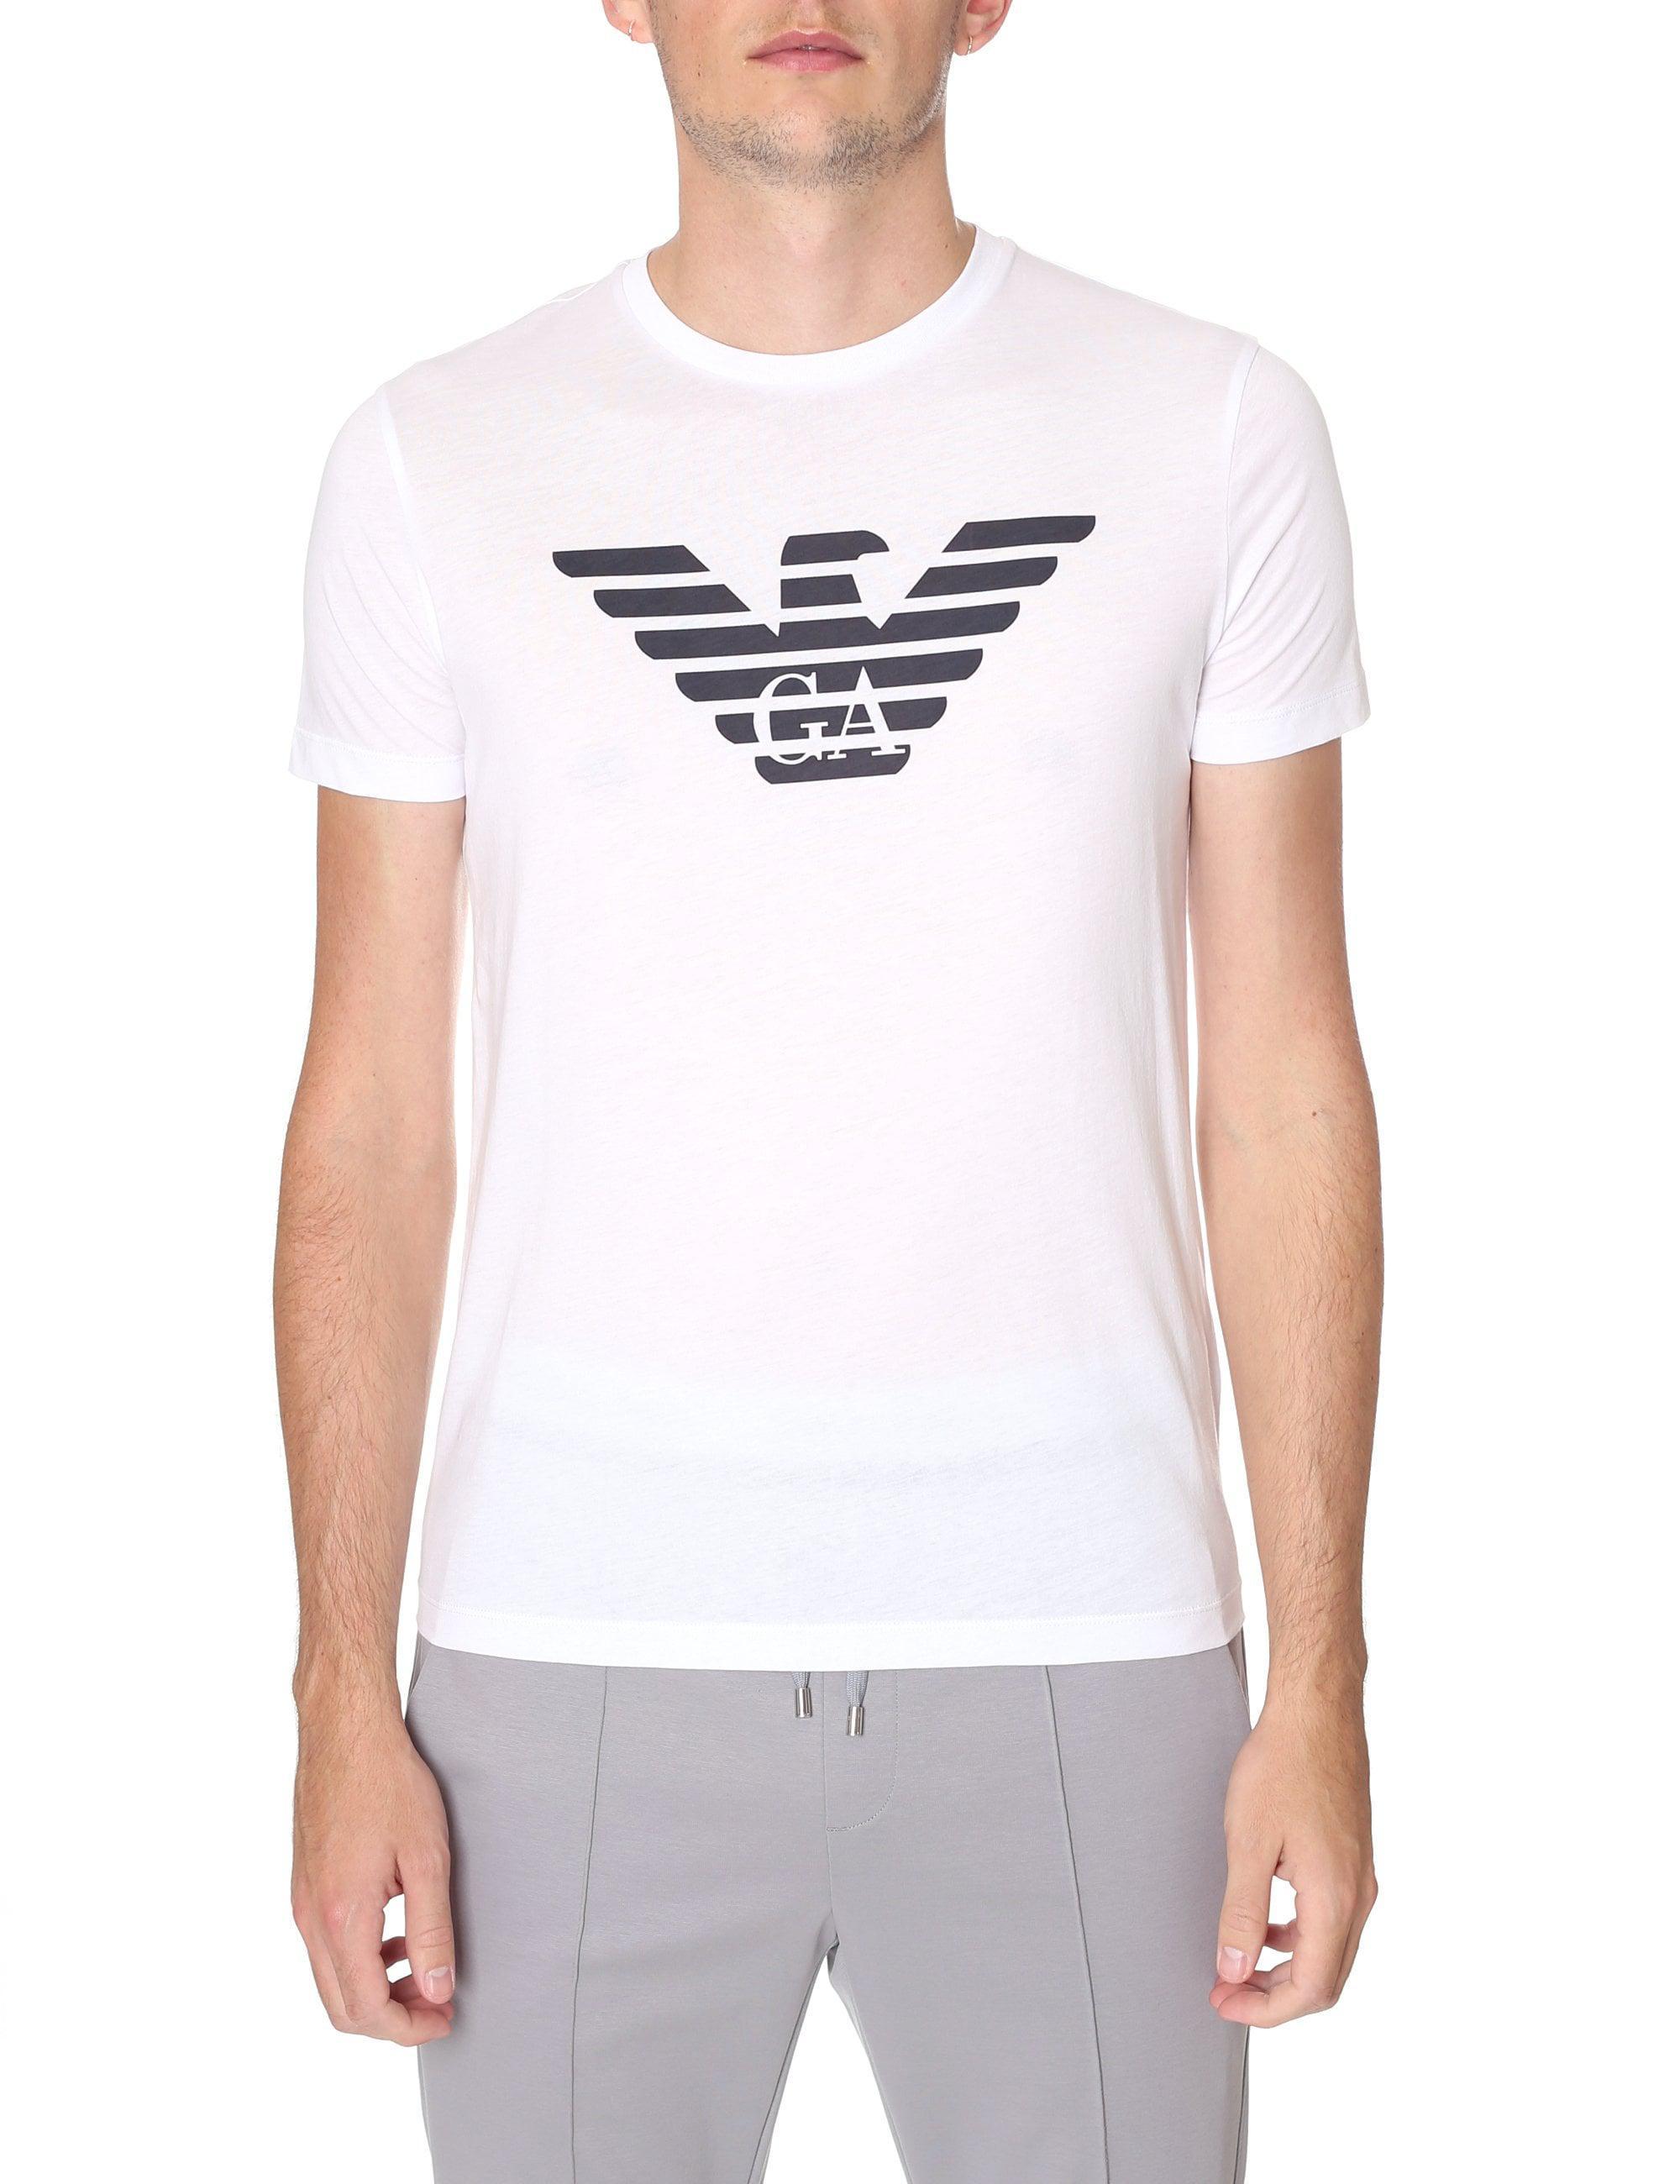 434f9e37 Emporio Armani Men's Eagle Logo Crew Neck Tee Optical White in White ...